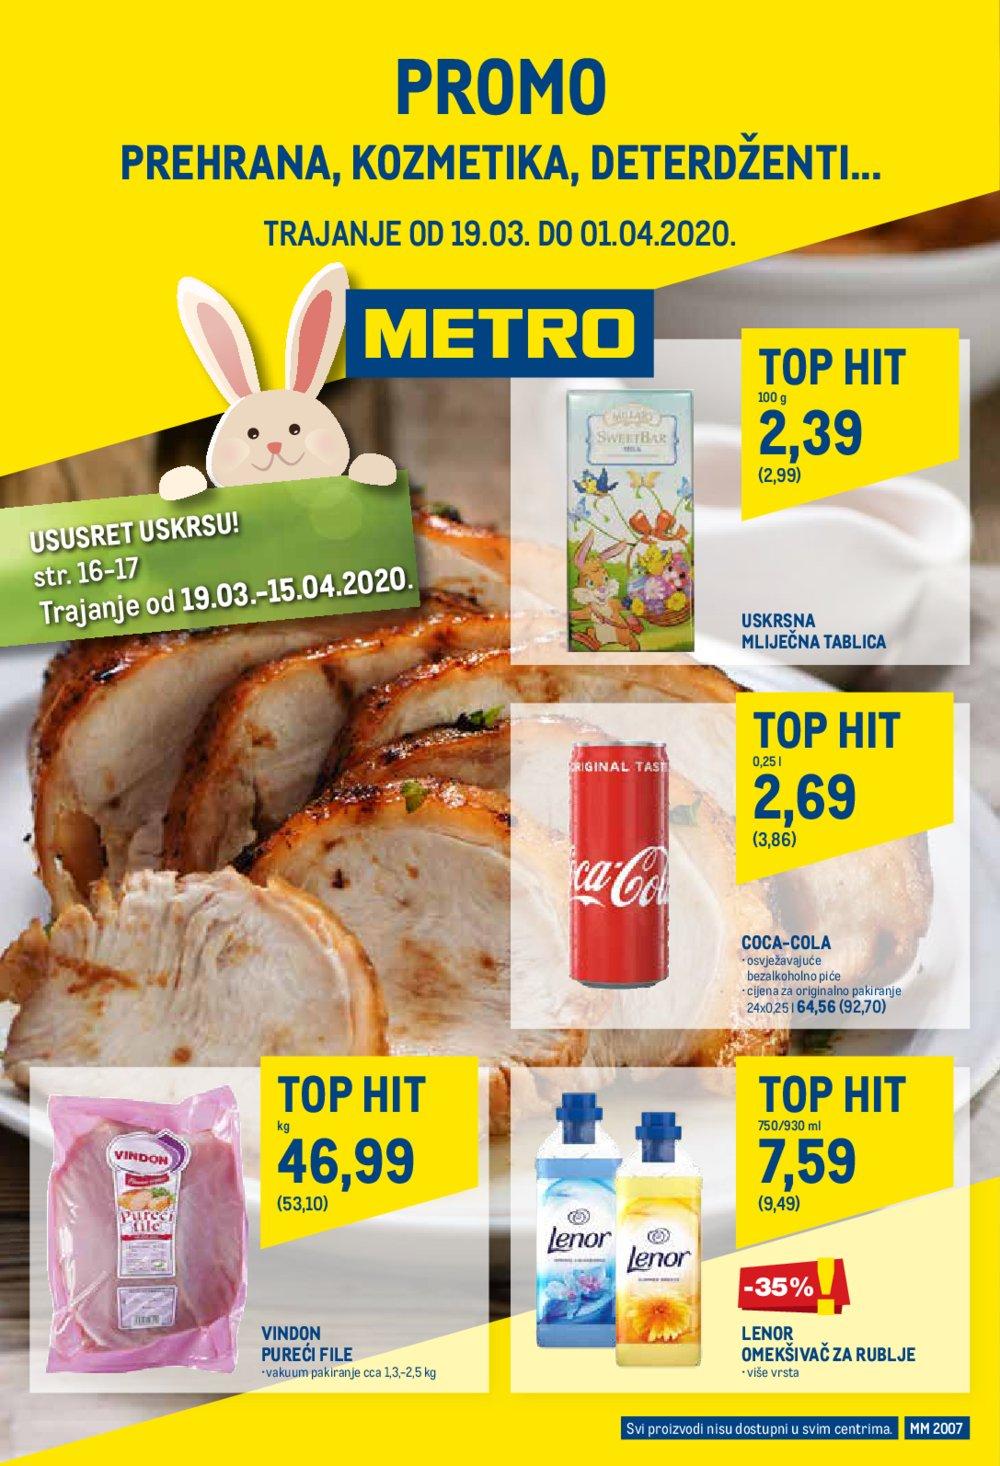 Metro katalog Prehrana 19.03.-01.04.2020.